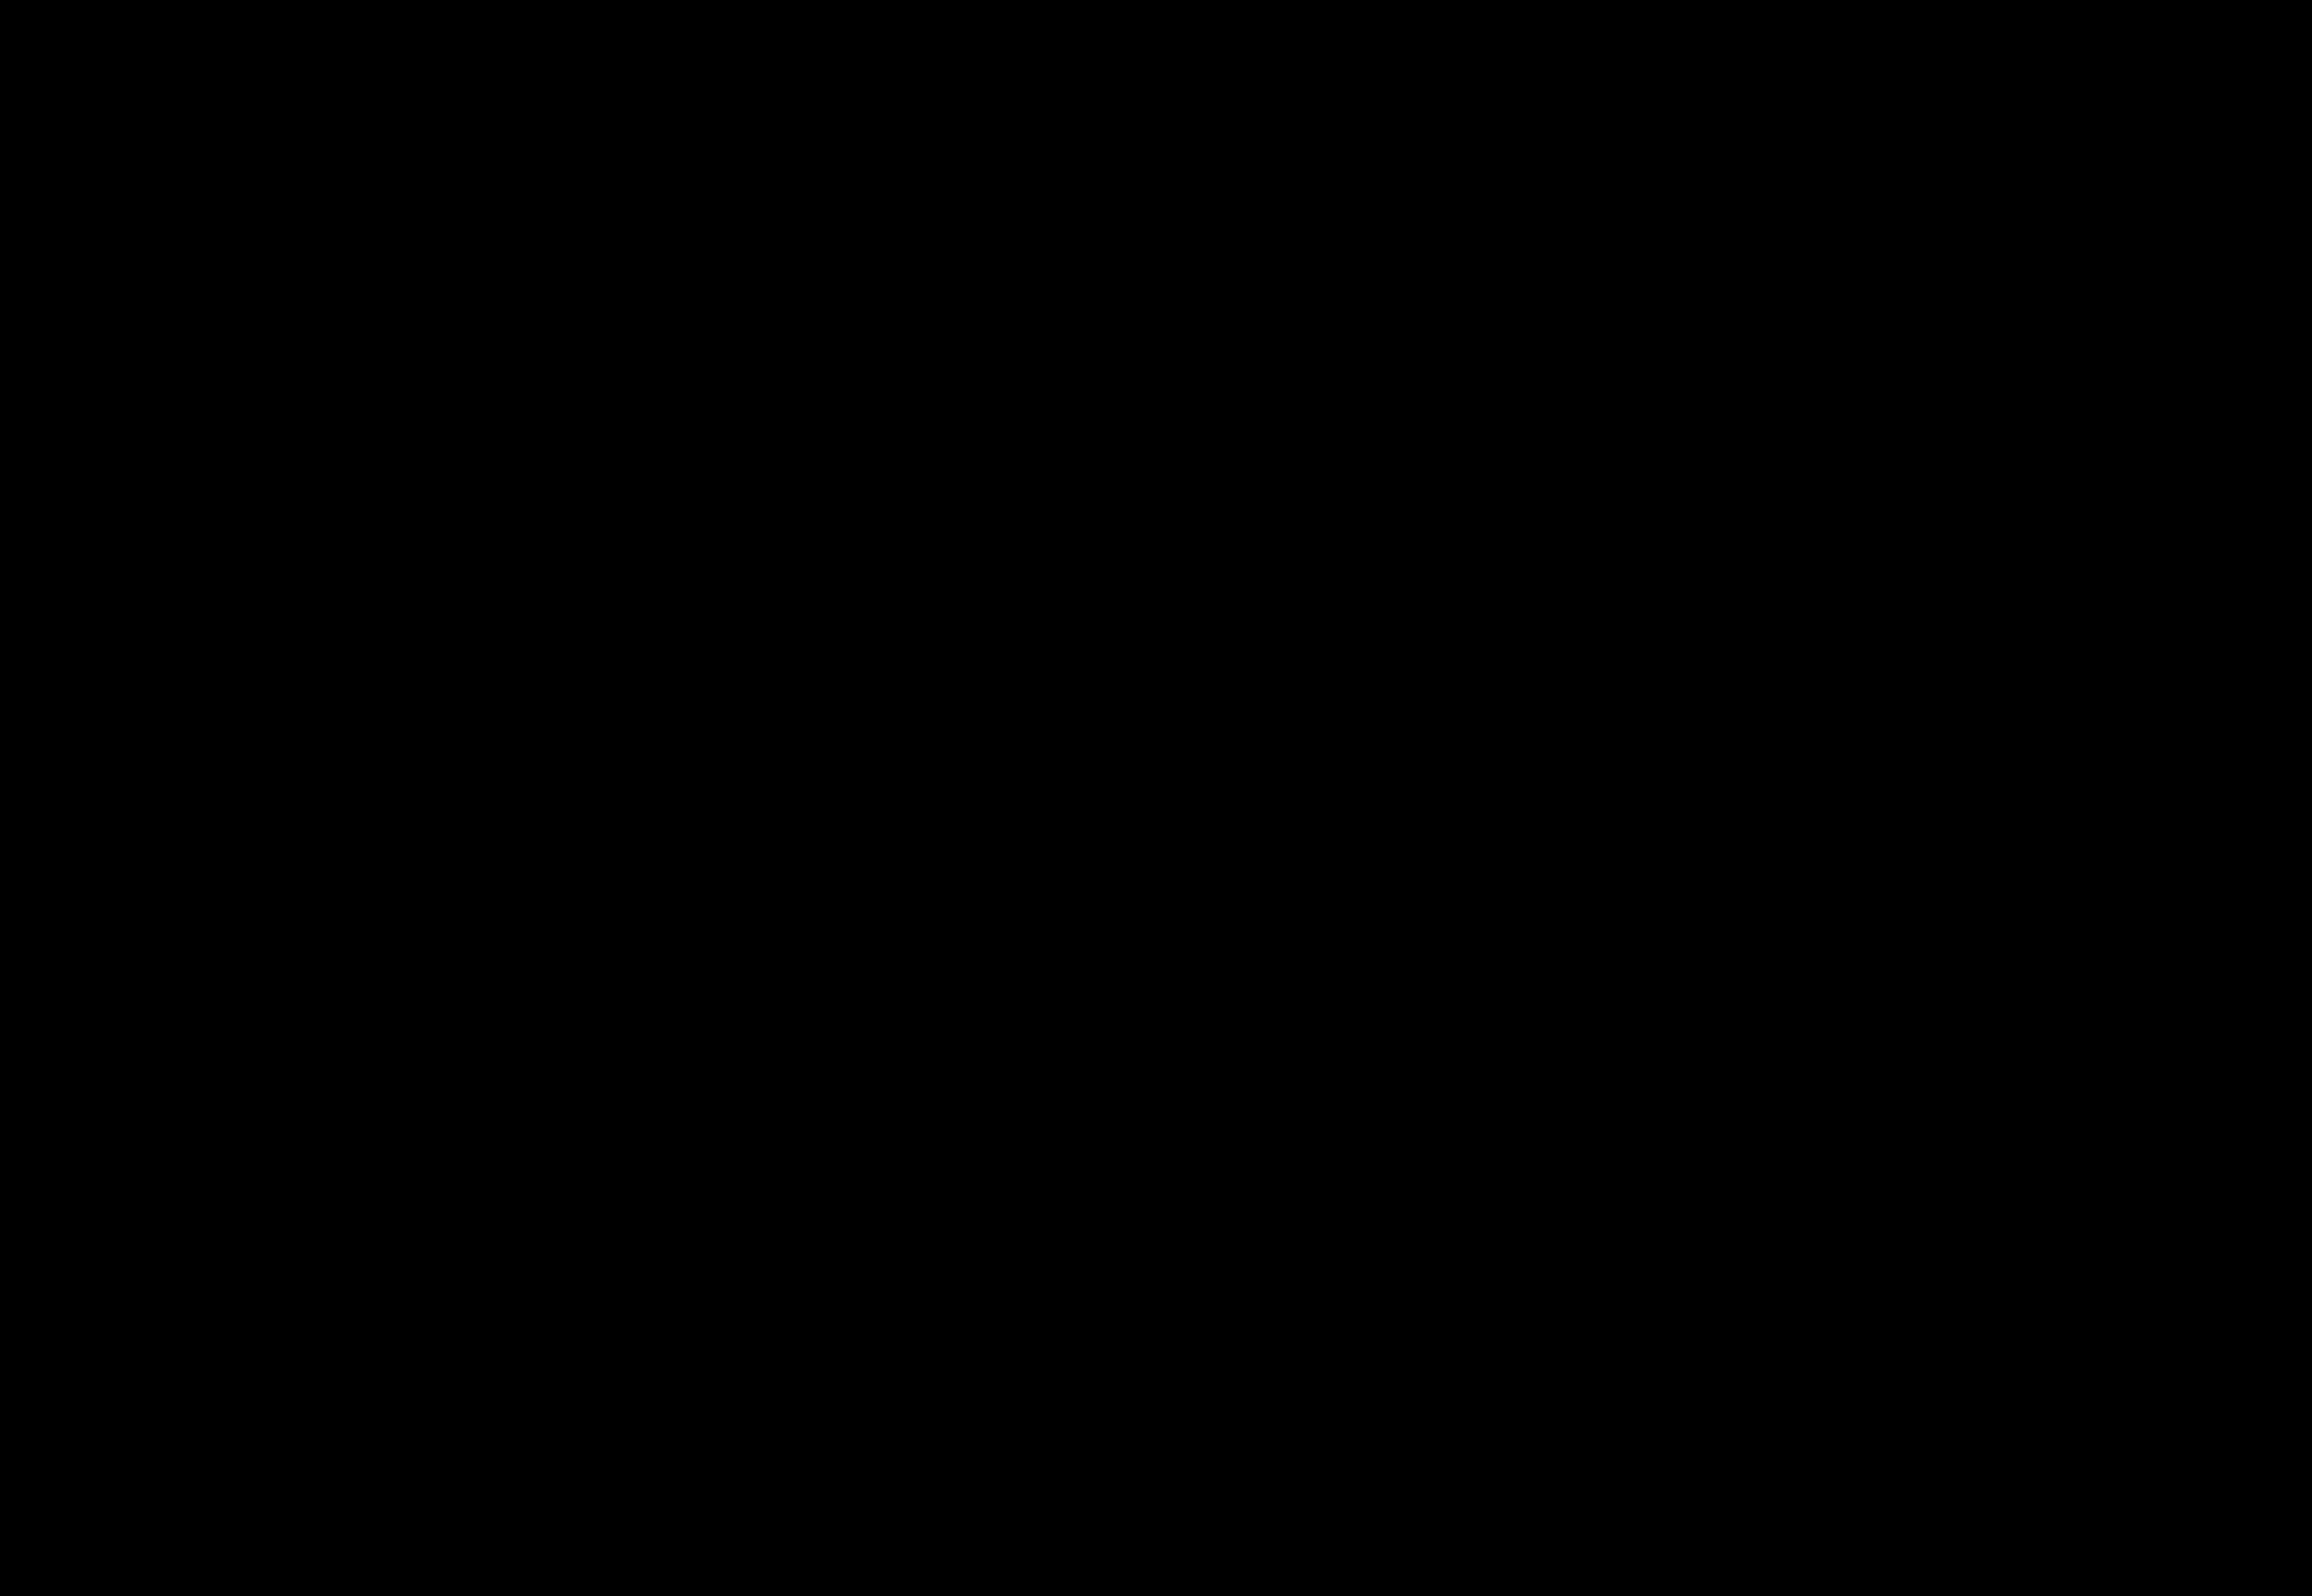 06081901.jpg